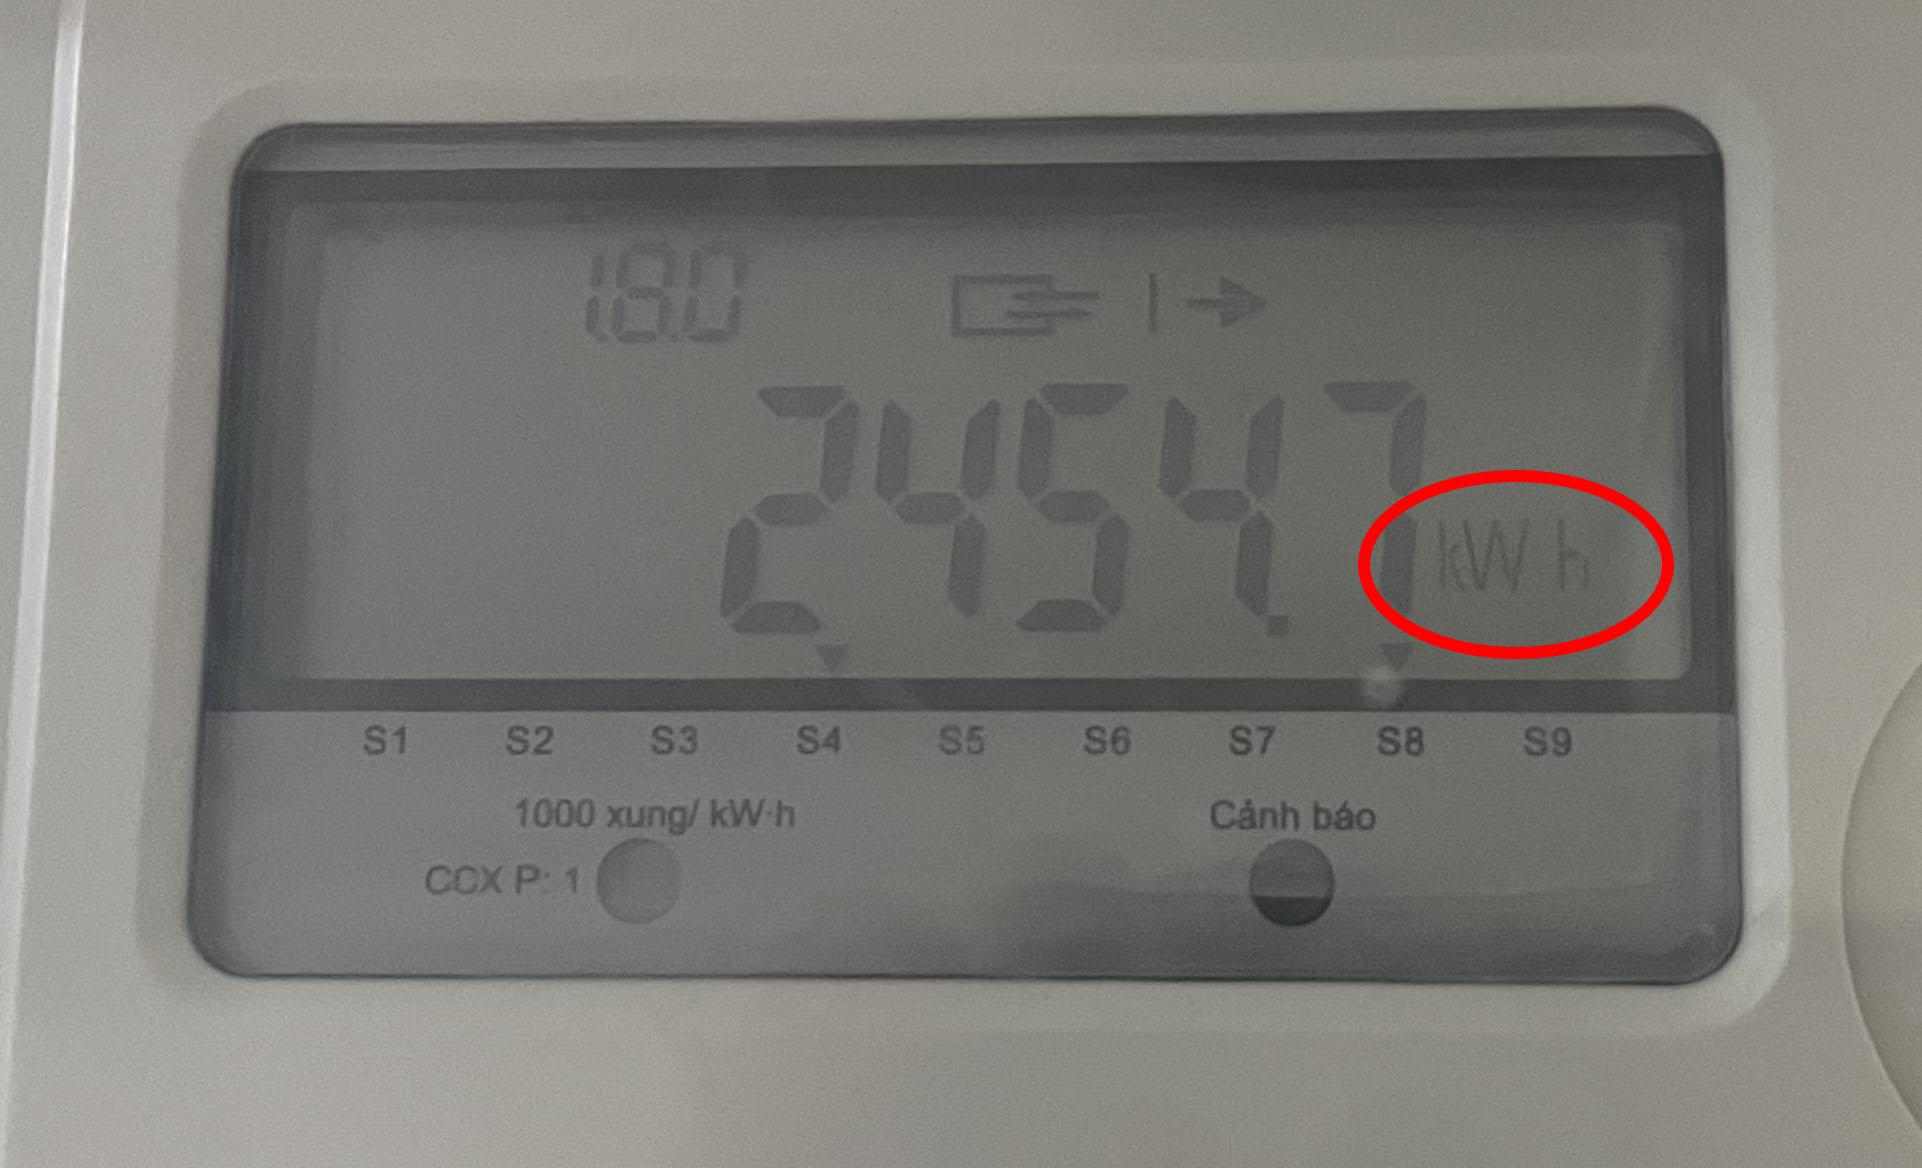 Cách đọc chỉ số đồng hồ điện tử